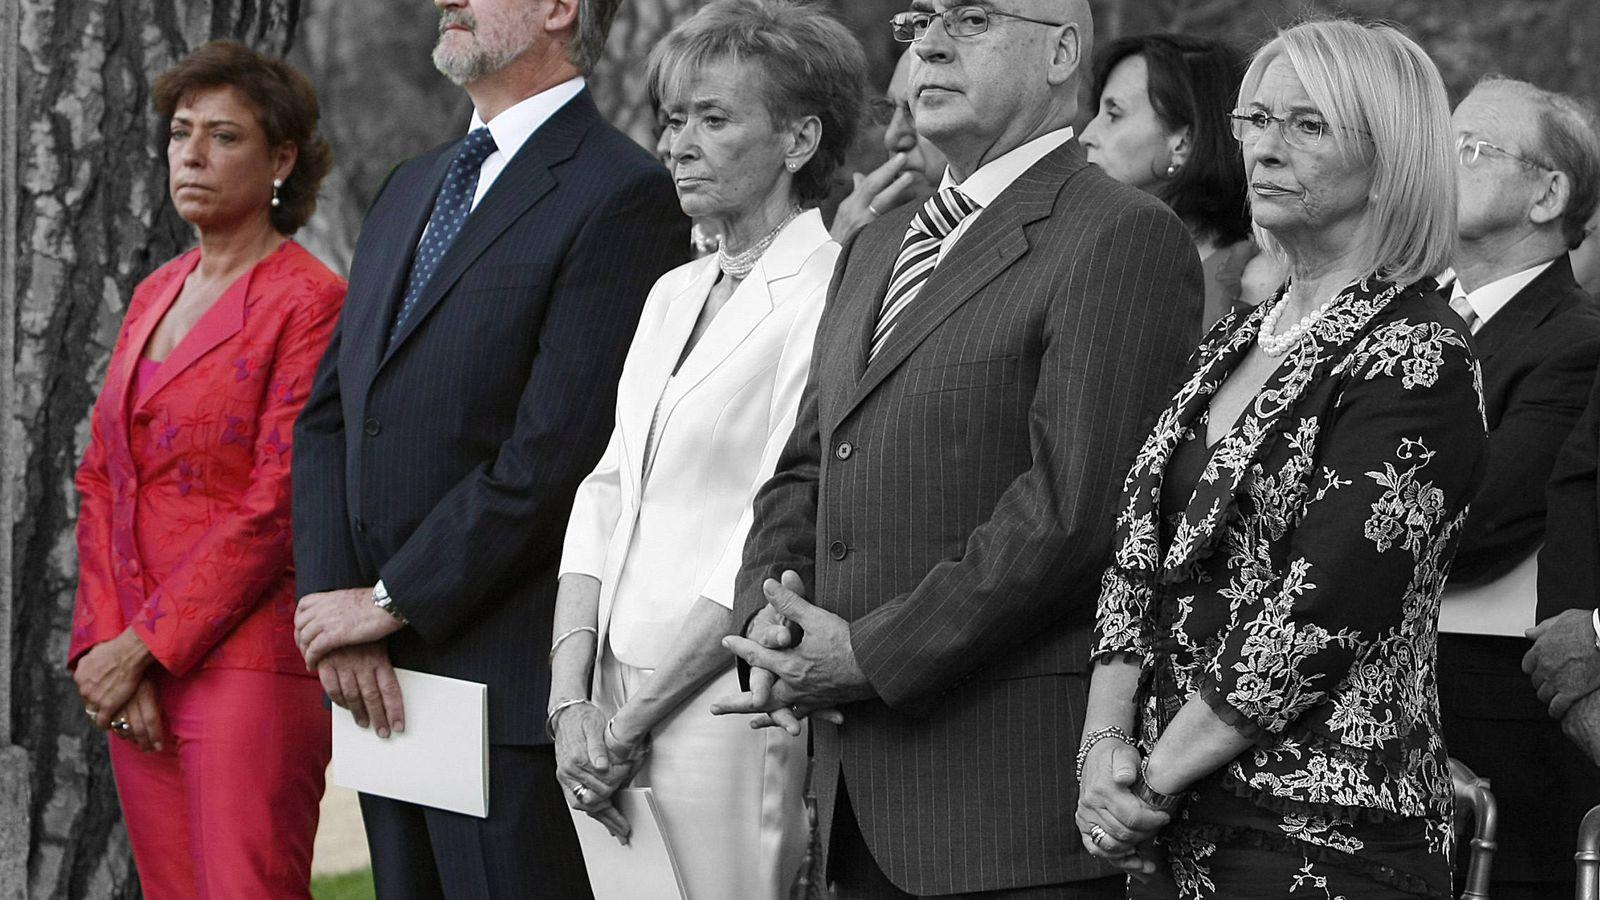 Foto: Carmen Ortiz, acompañando a su esposo Manuel Marín, junto con María Teresa Fernández de la Vega, Javier Rojo y su esposa, en el bautizo de la infanta Sofía. (Gtres)